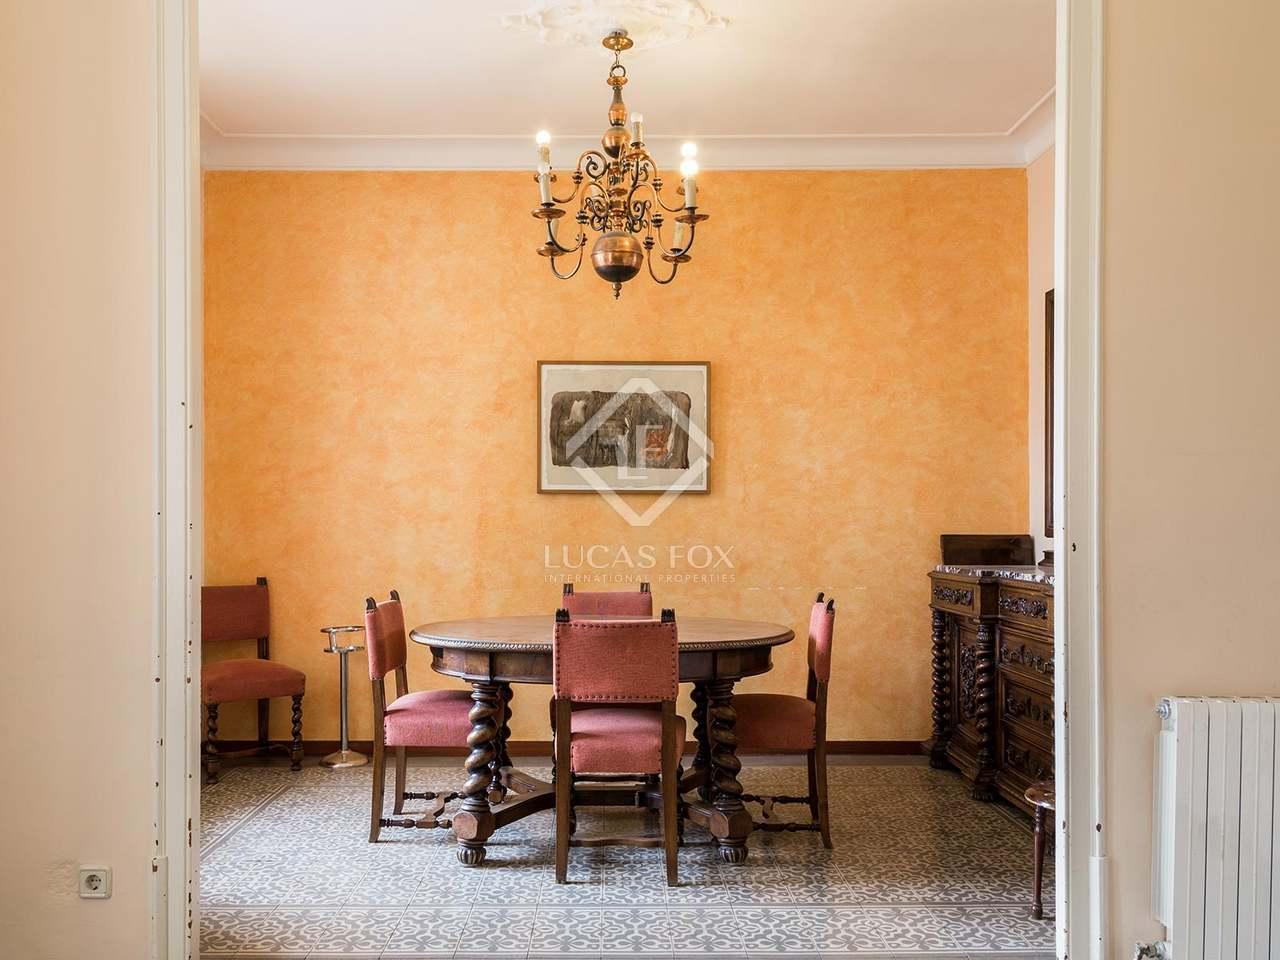 Appartement moderniste avec terrasse en vente dans le quartier gothique de ba - Acheter appartement a barcelone ...